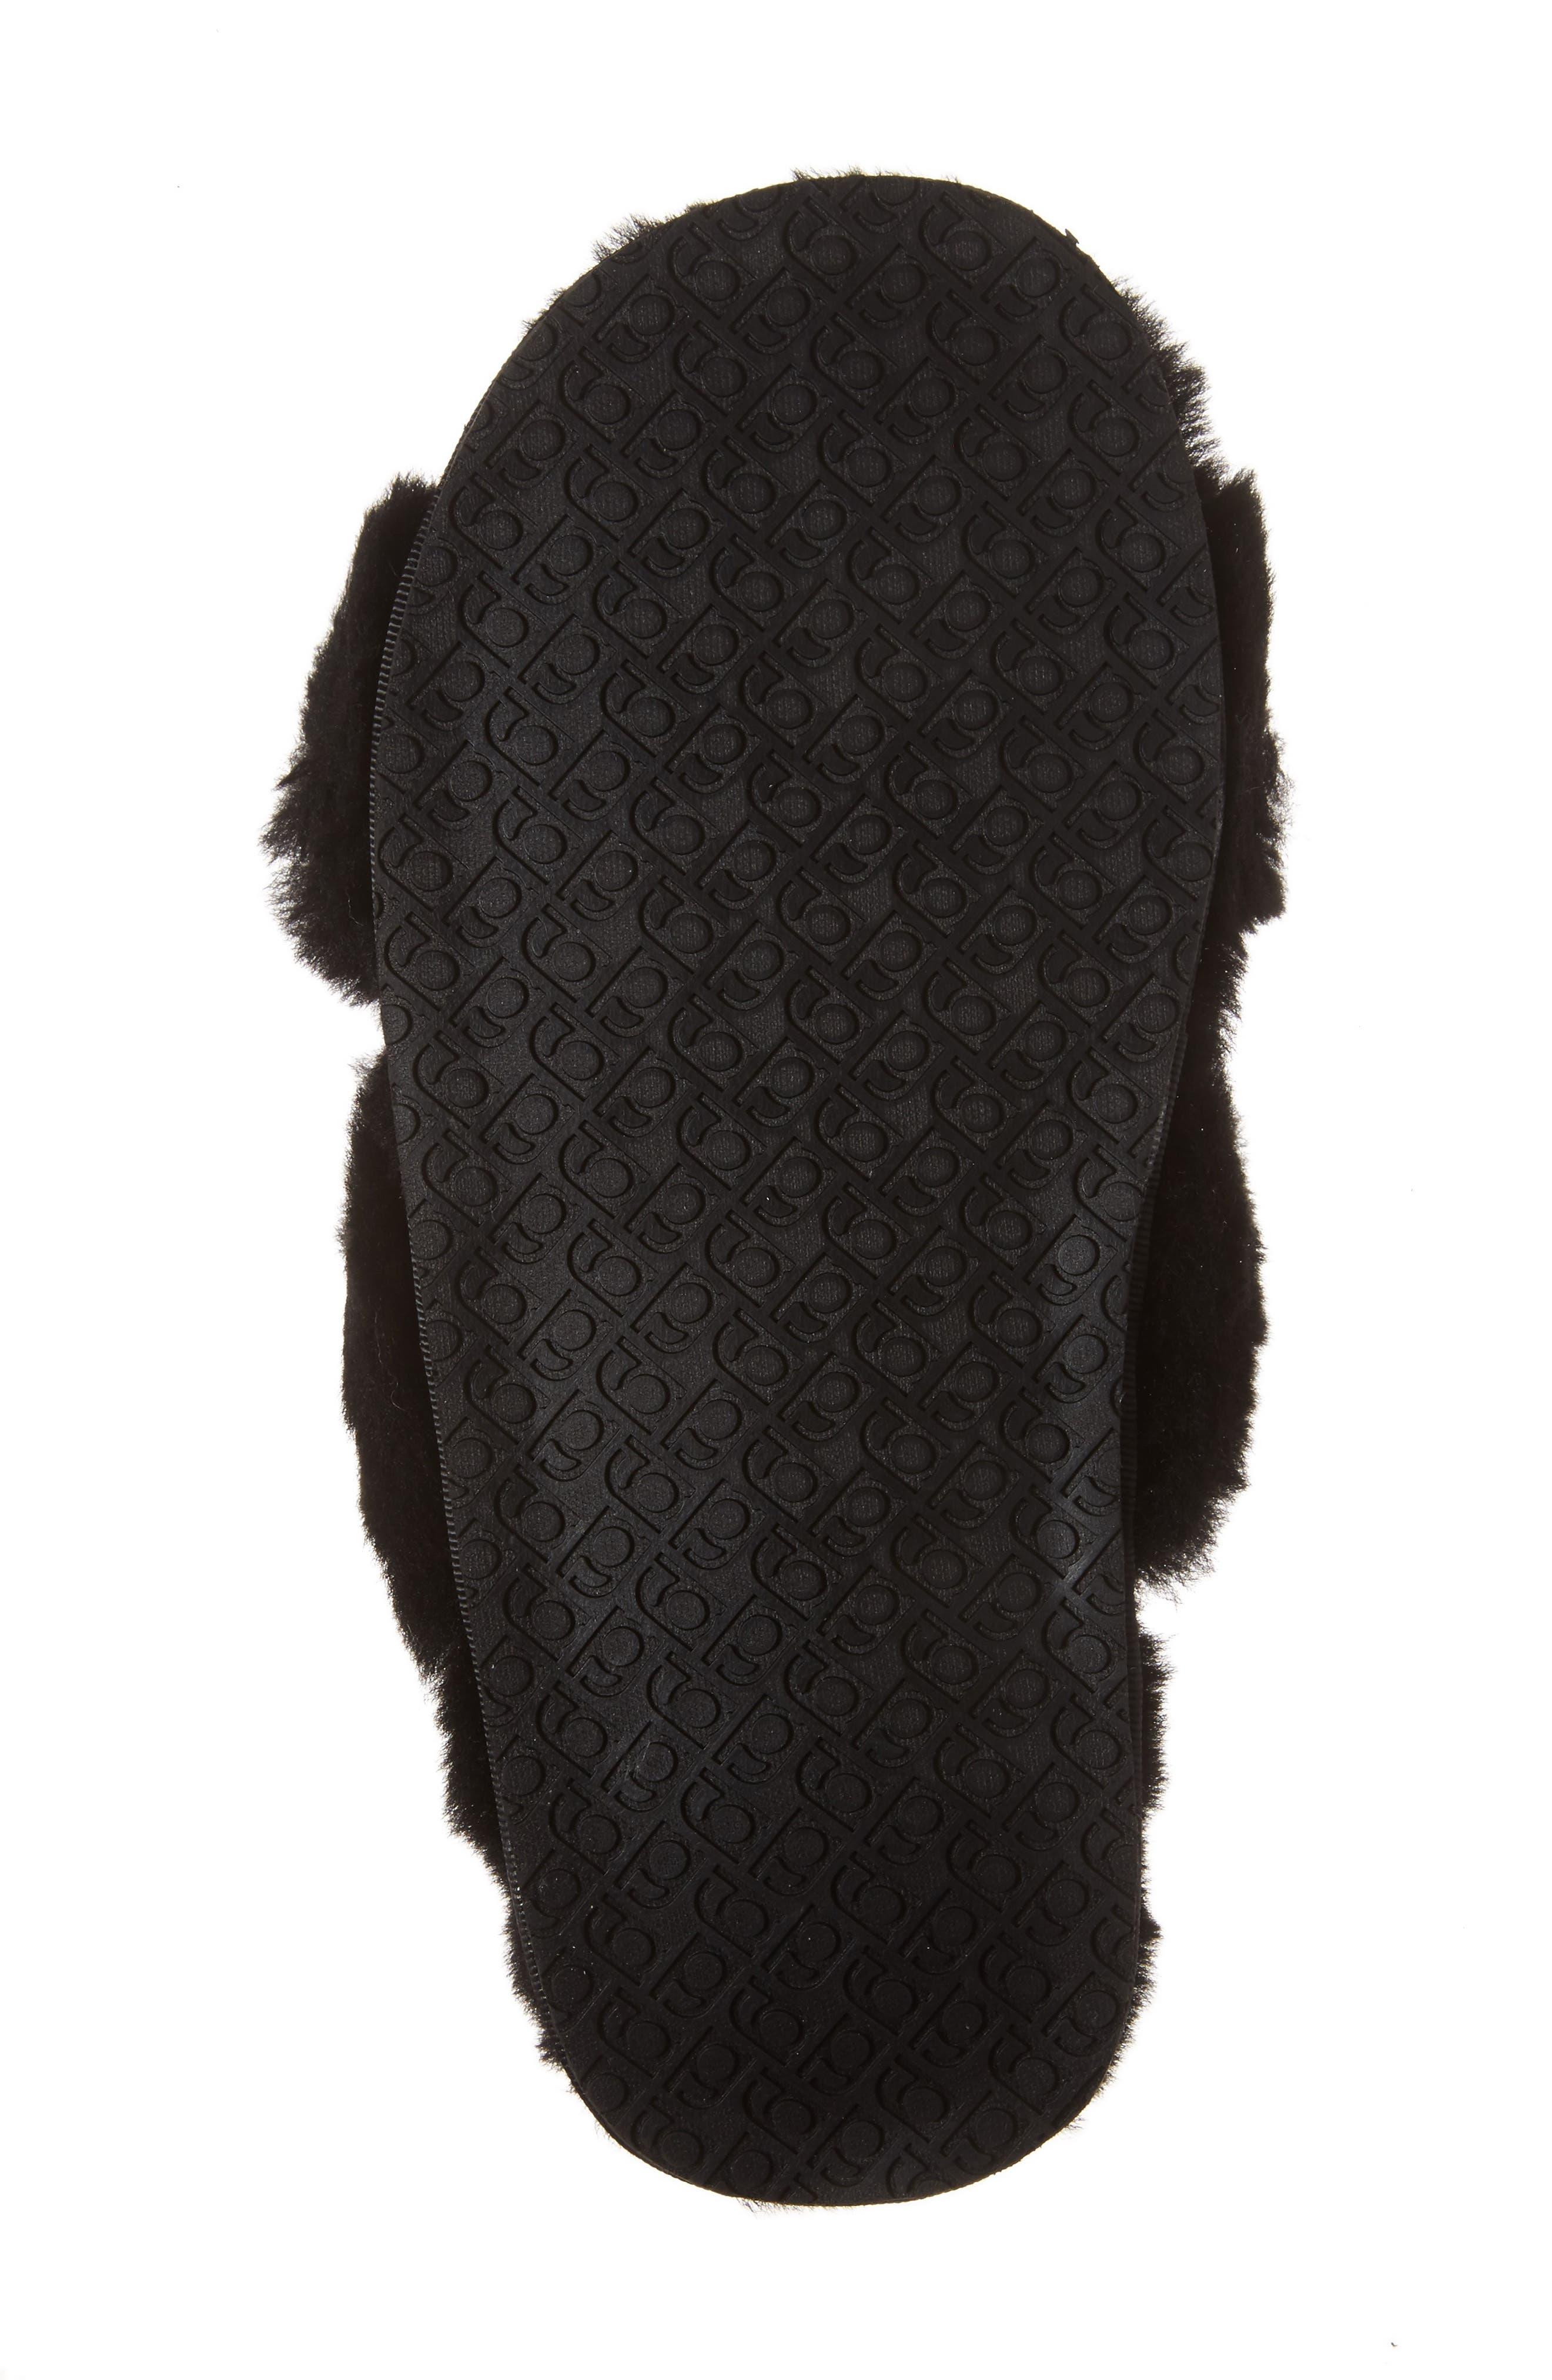 Mt. Hood Genuine Shearling Slipper,                             Alternate thumbnail 6, color,                             BLACK